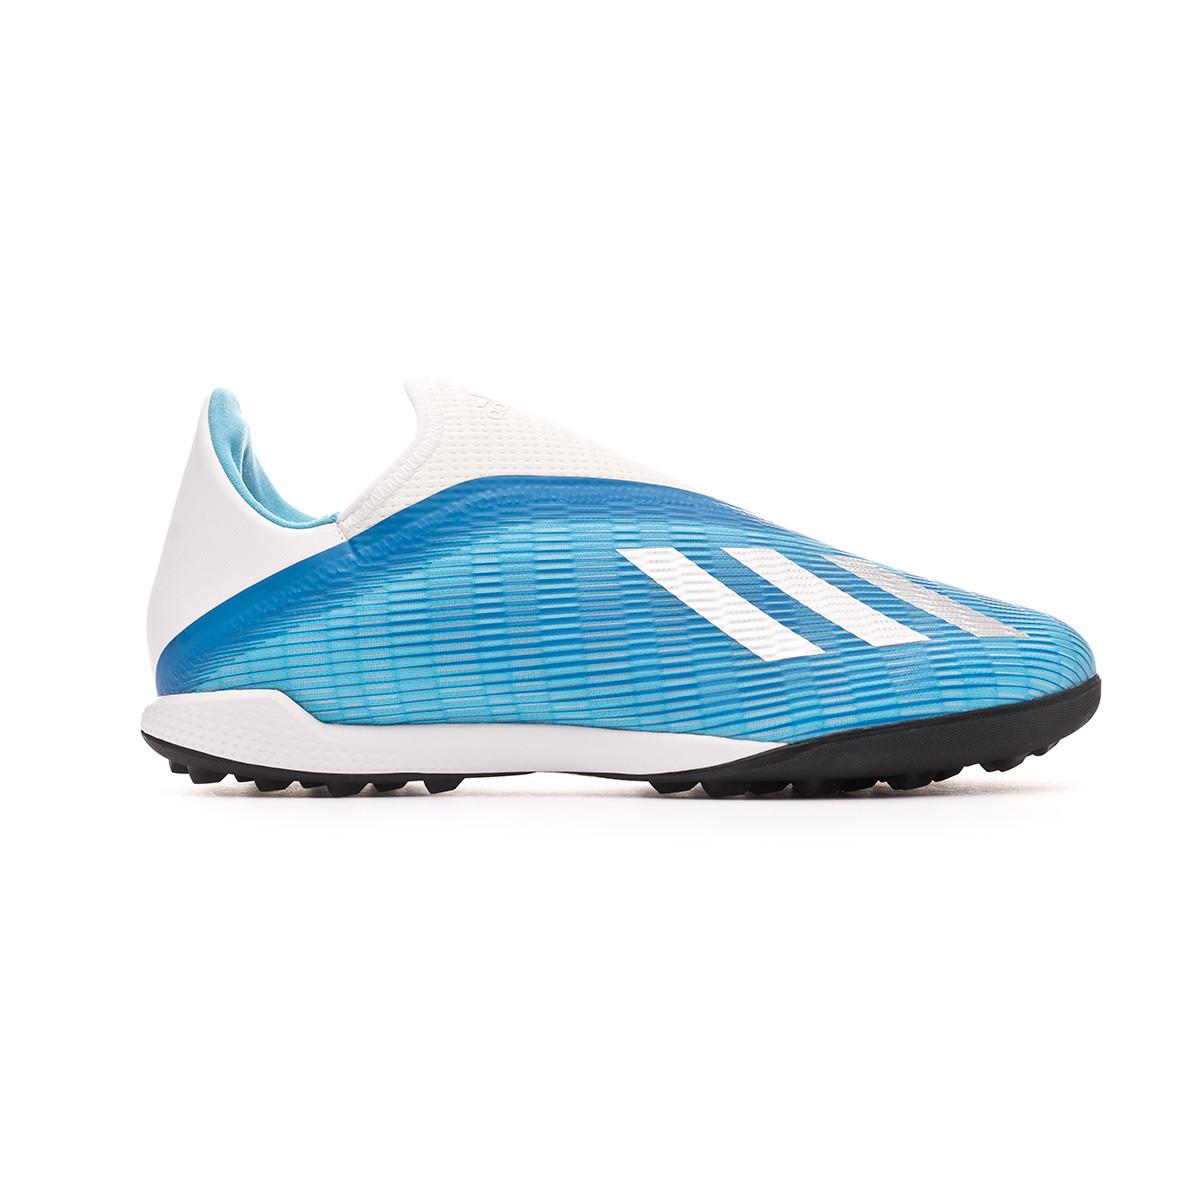 adidas X 19.3 LL Turf Football Boot